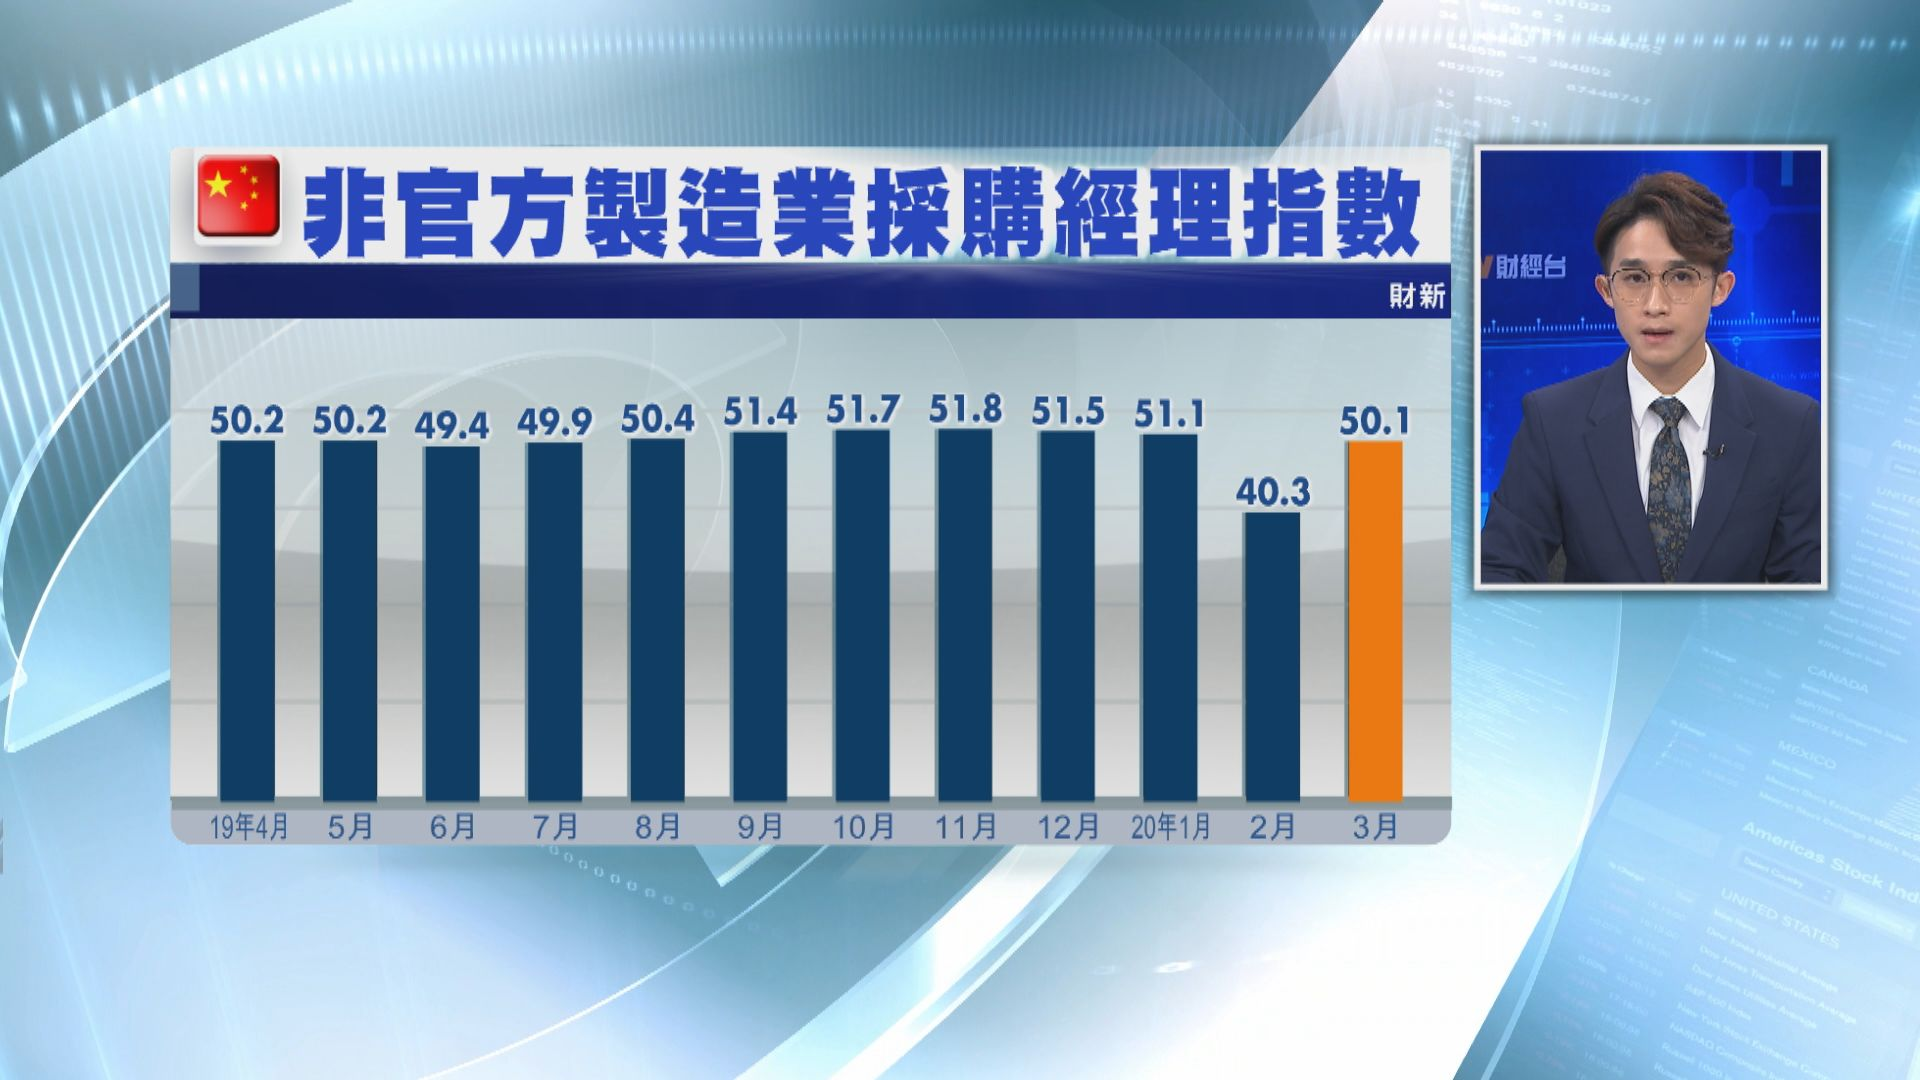 【勝預期】財新PMI報50.1 重回盛衰分界線之上